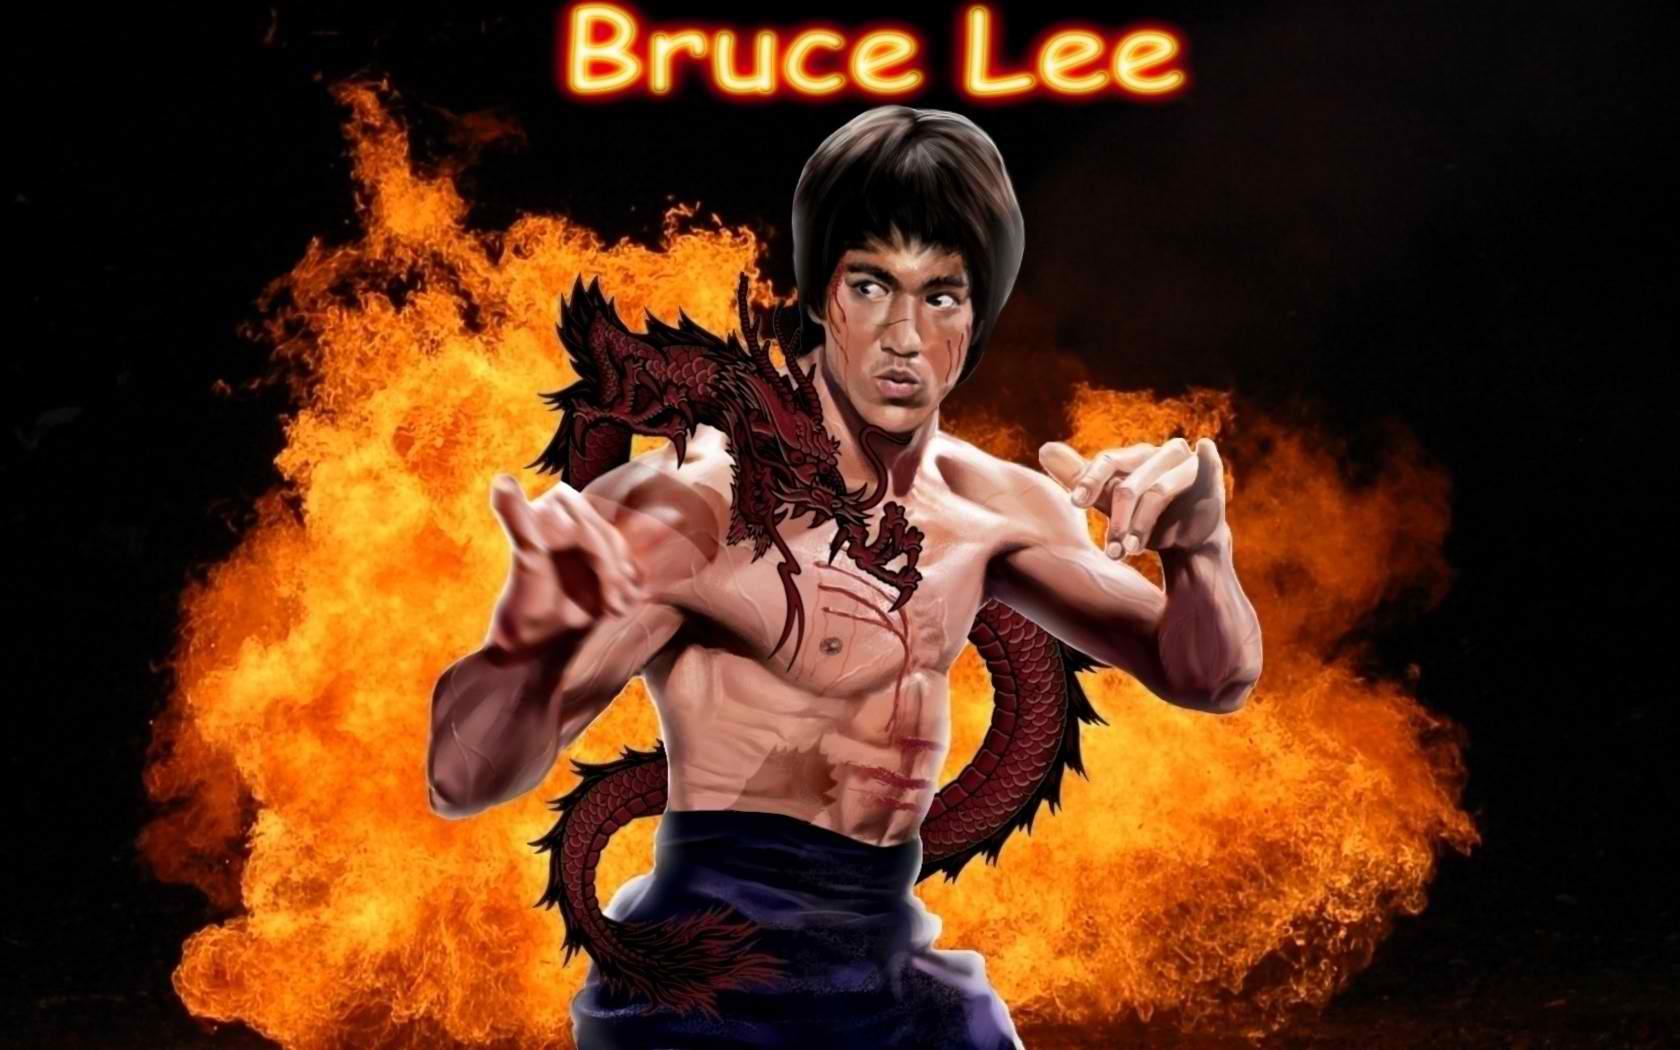 Bruce Lee - Bruce Lee Wallpaper (27305145) - Fanpop